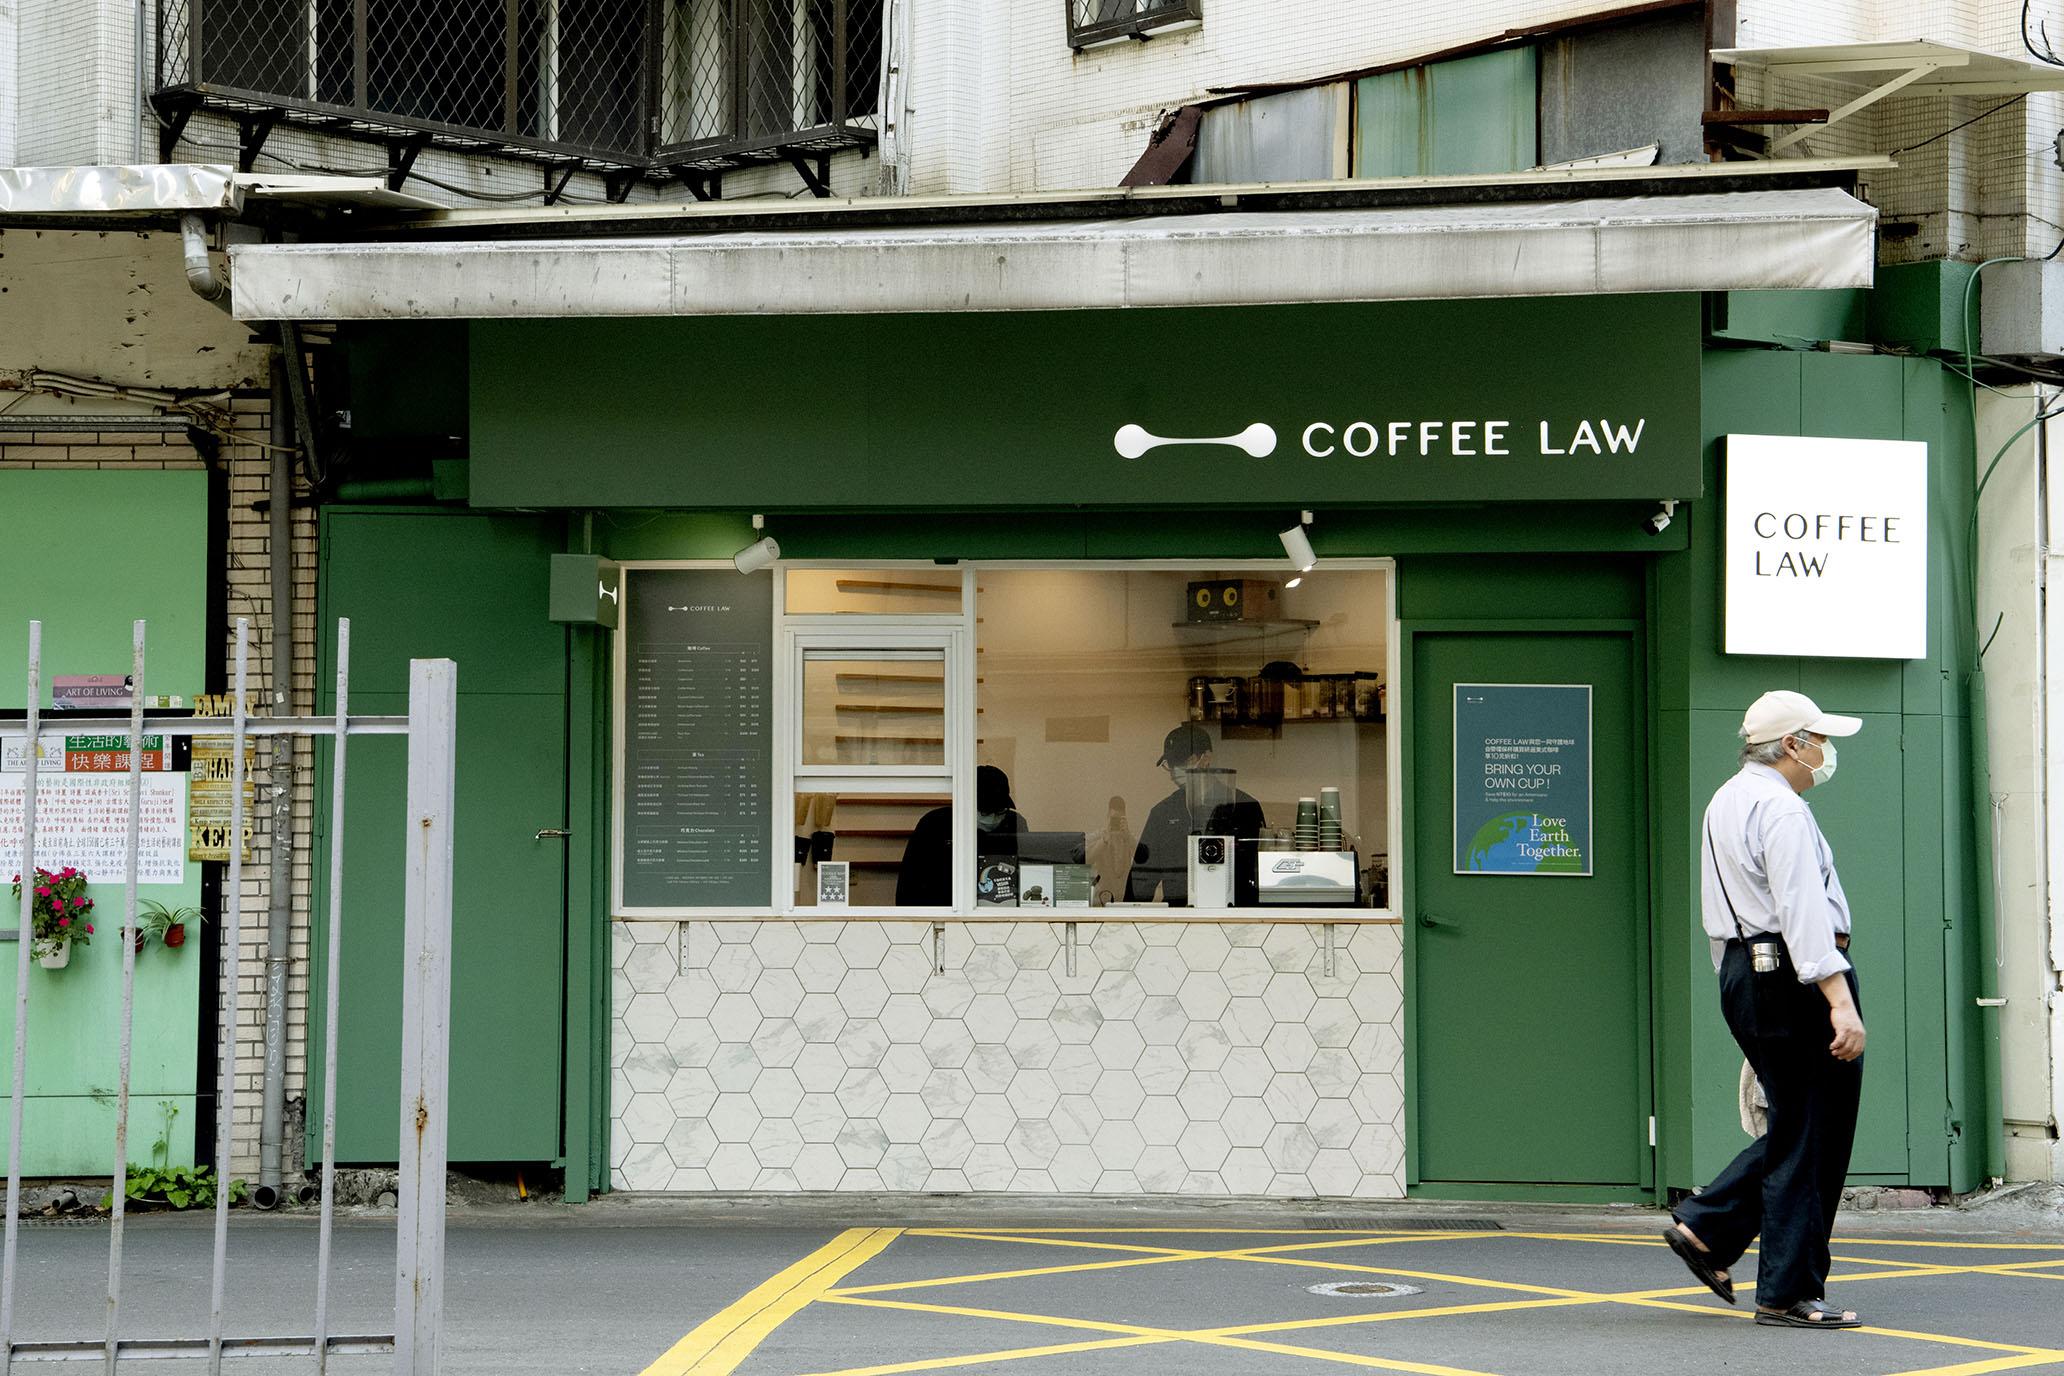 台北 COFFEE LAW|是日常的一種陪伴,陪你度過生活中的點點滴滴。